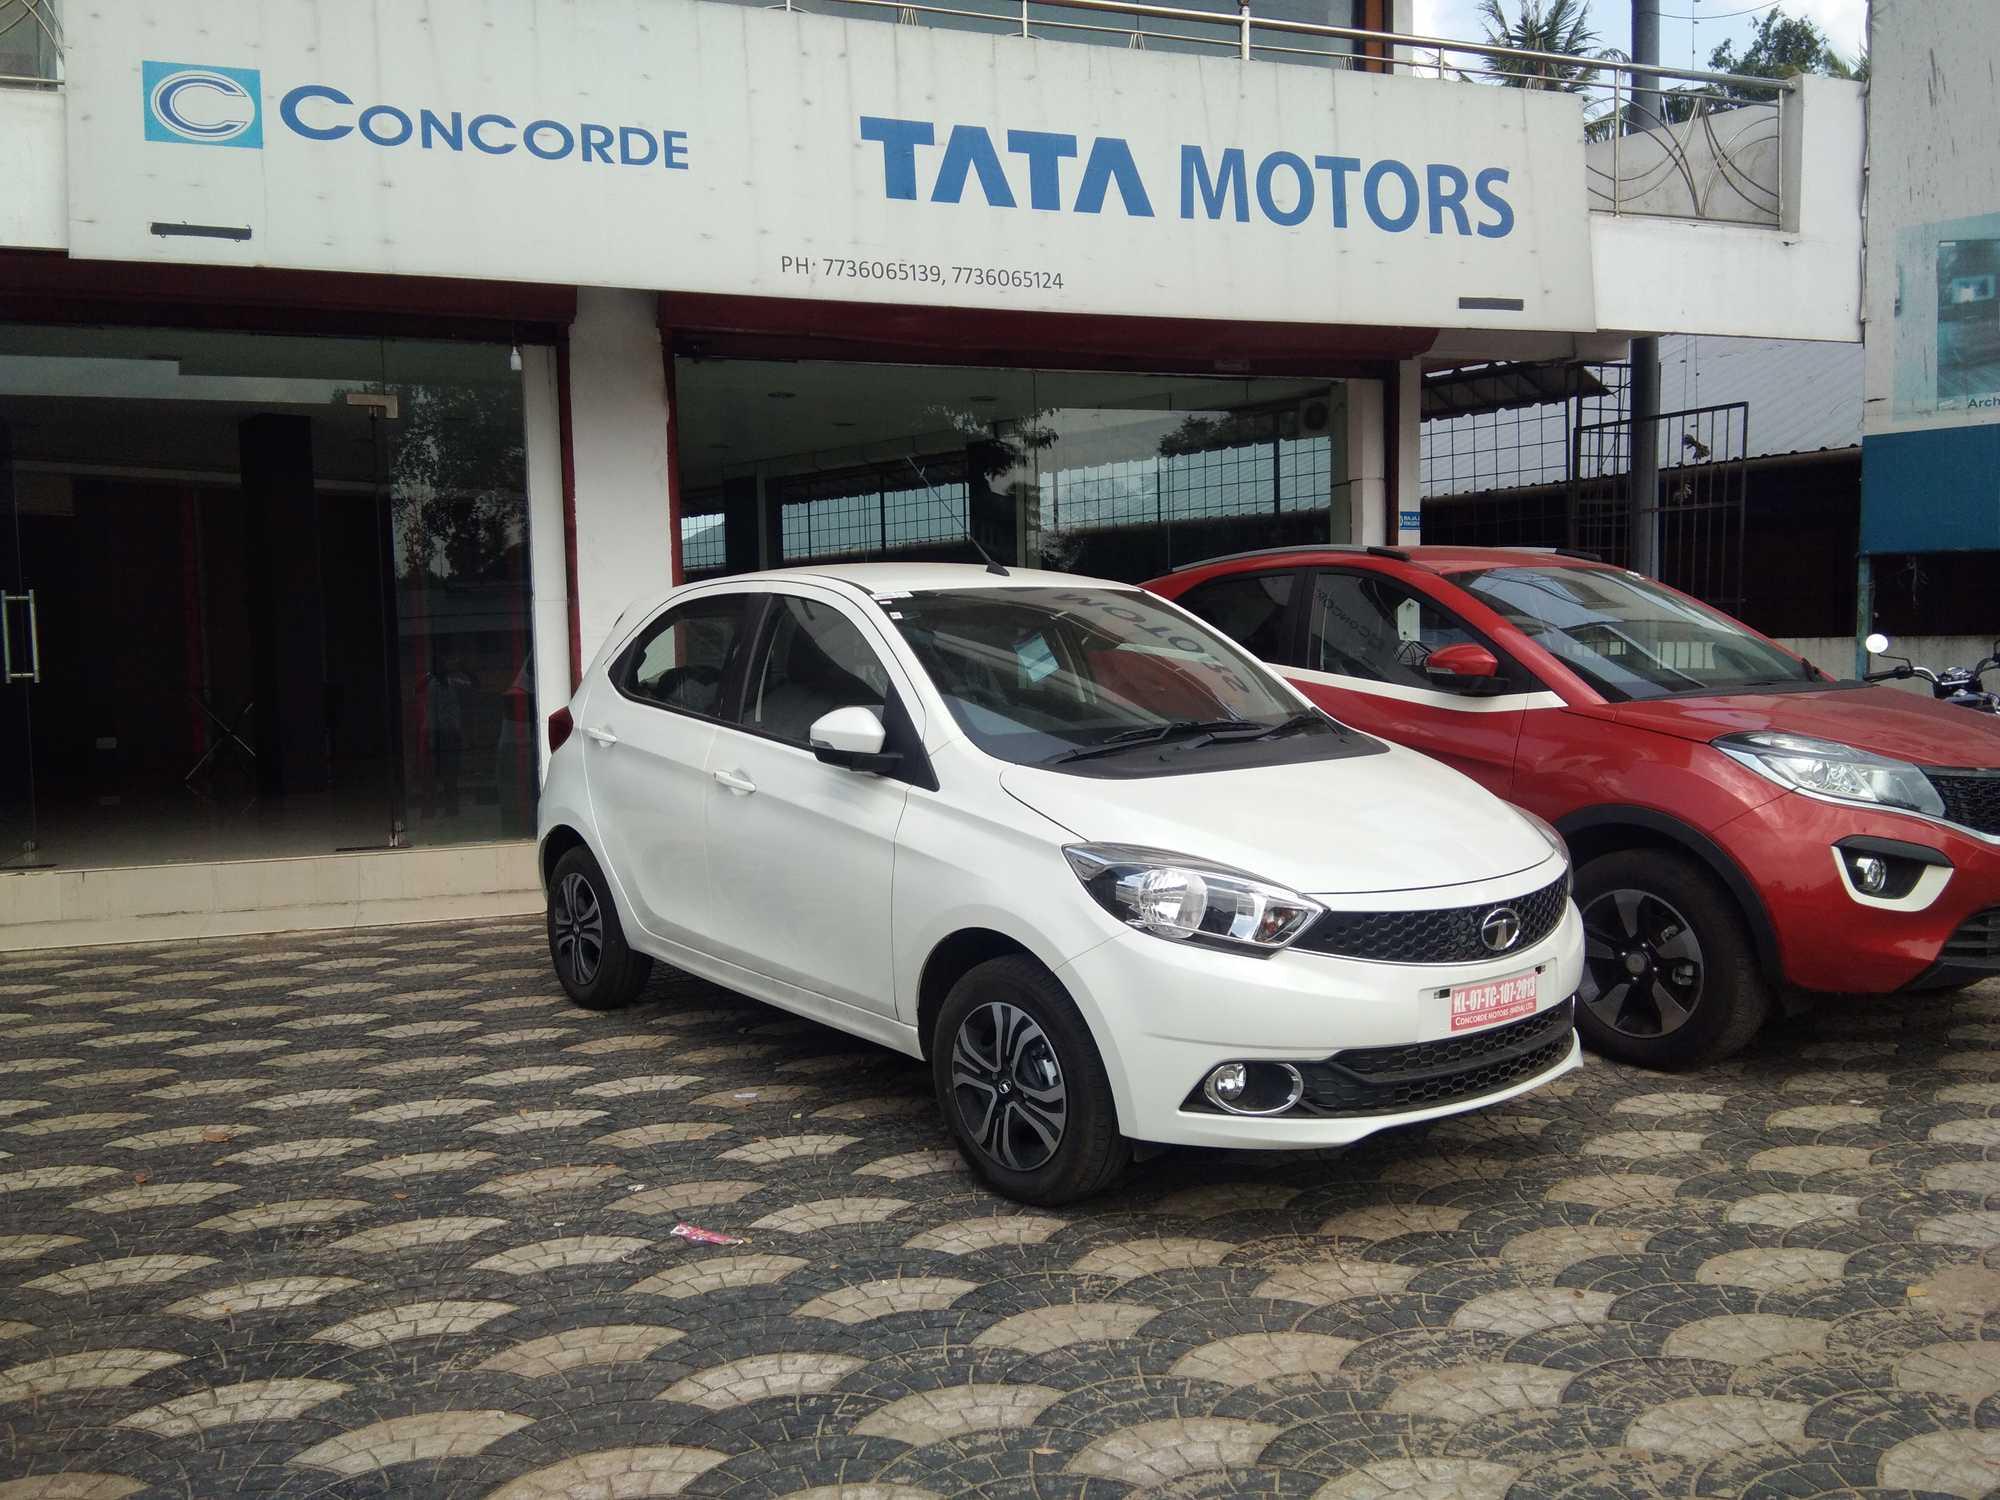 9eca9621f Top 10 Tata Showrooms in Aluva, Ernakulam - Best Tata Car Showrooms ...